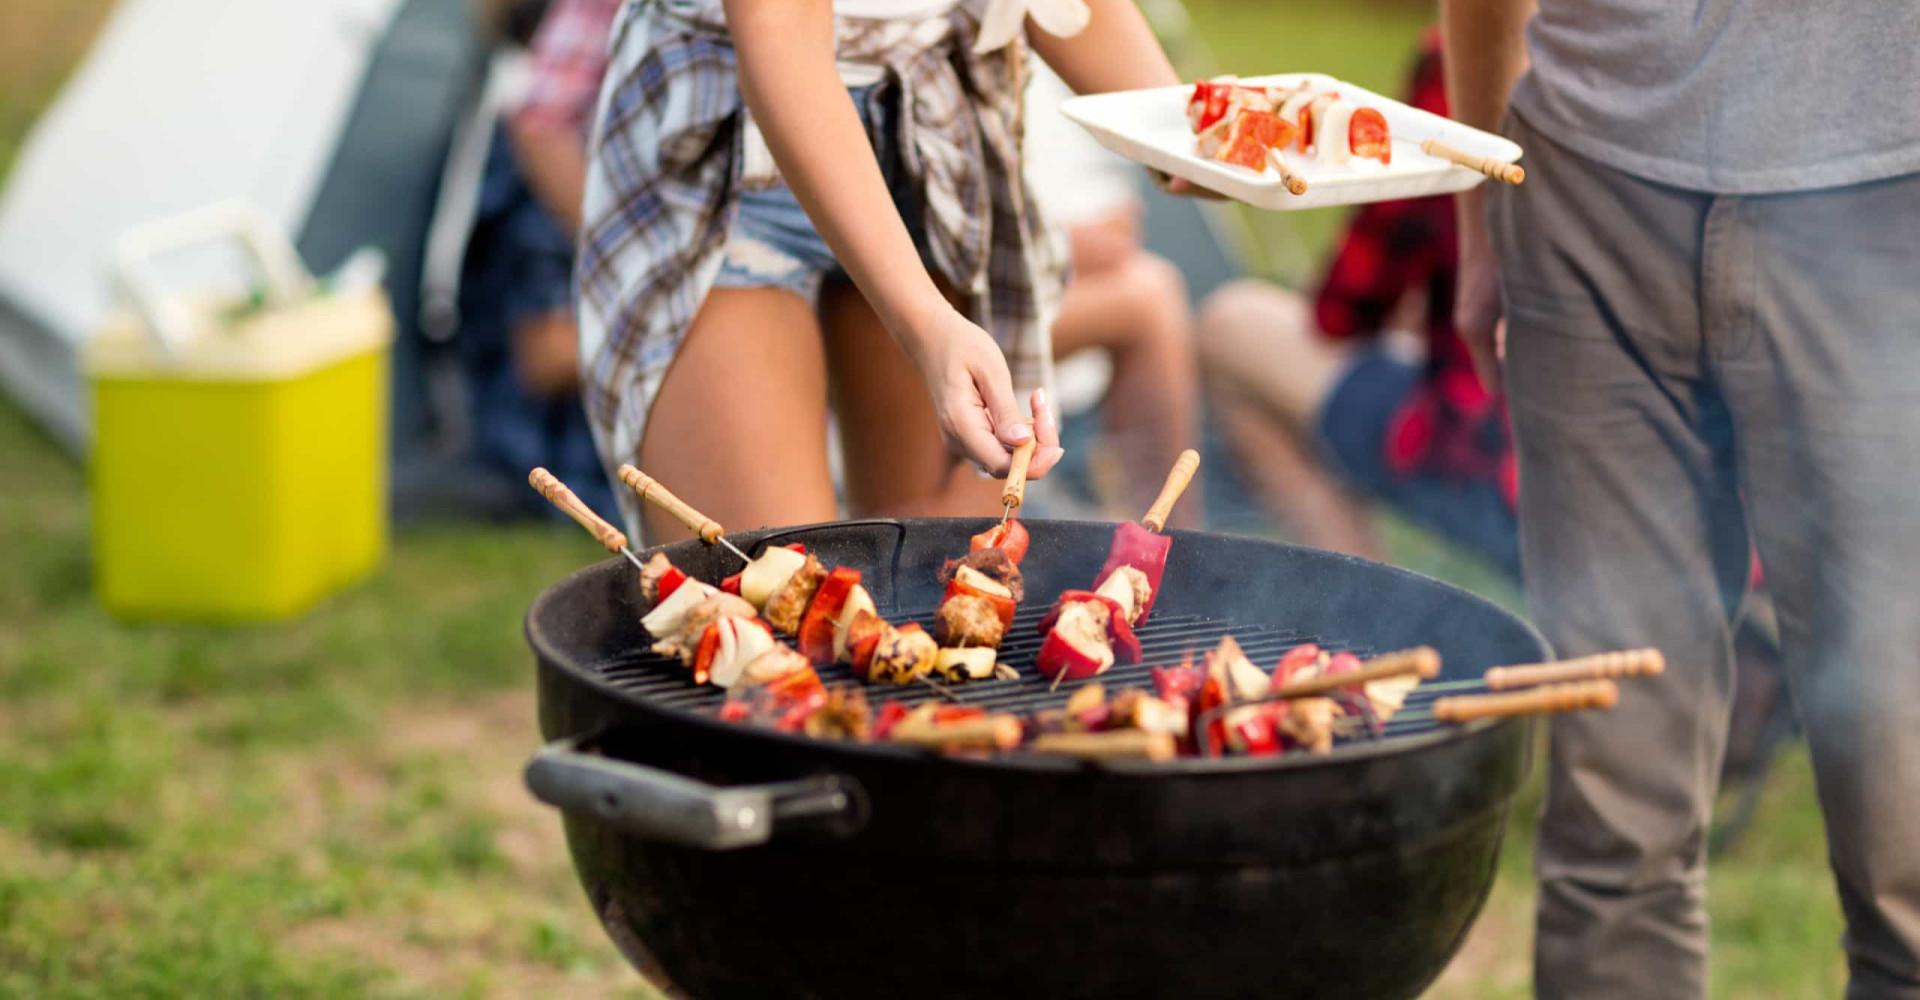 Handige etenswaren om mee te nemen naar een festivalweekend